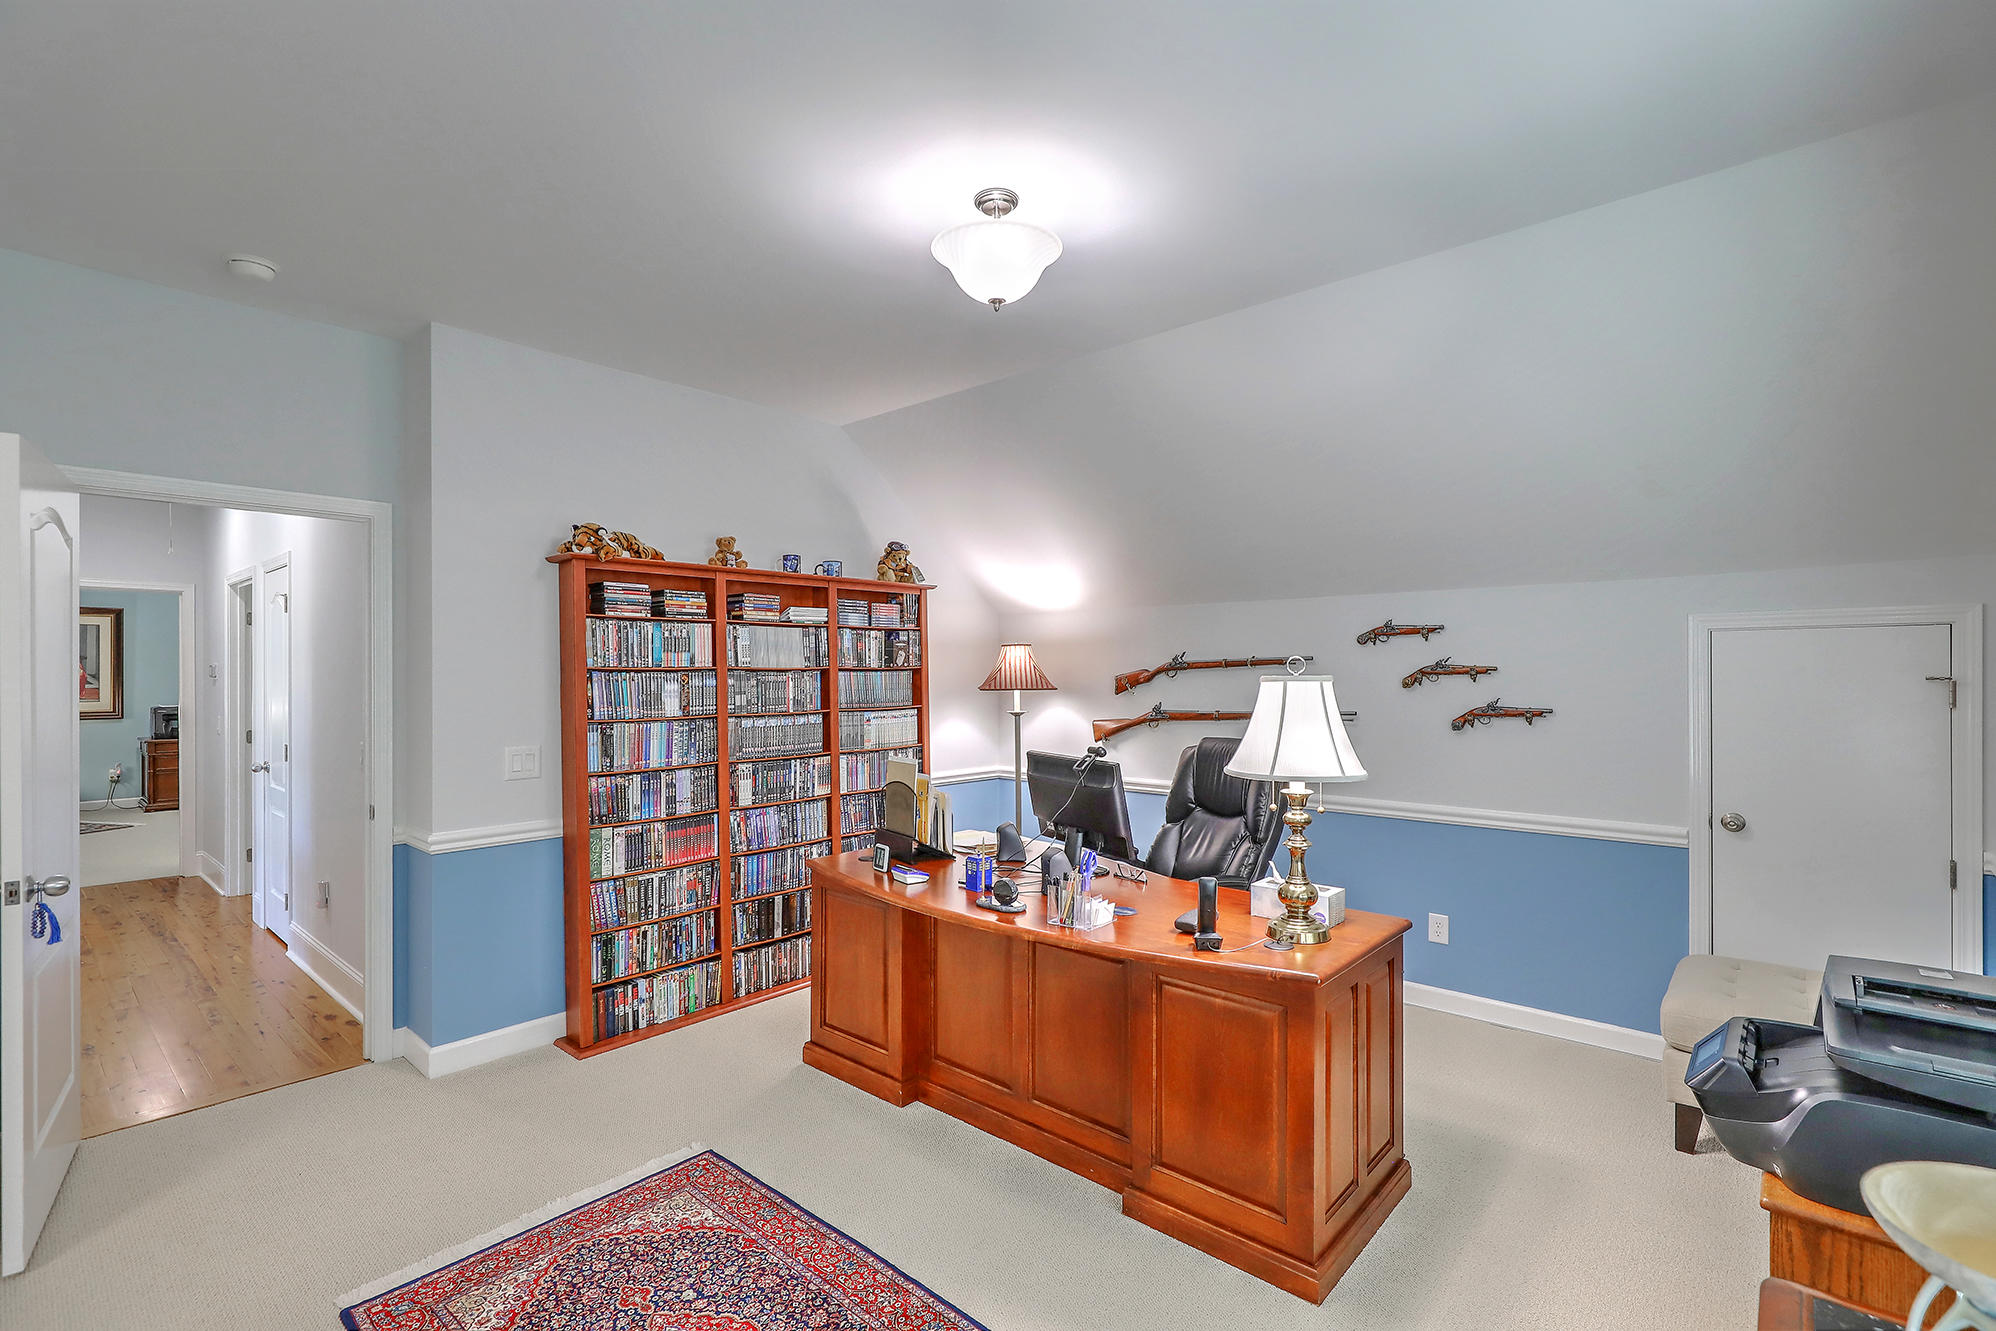 Park West Homes For Sale - 2108 Malcolm, Mount Pleasant, SC - 7